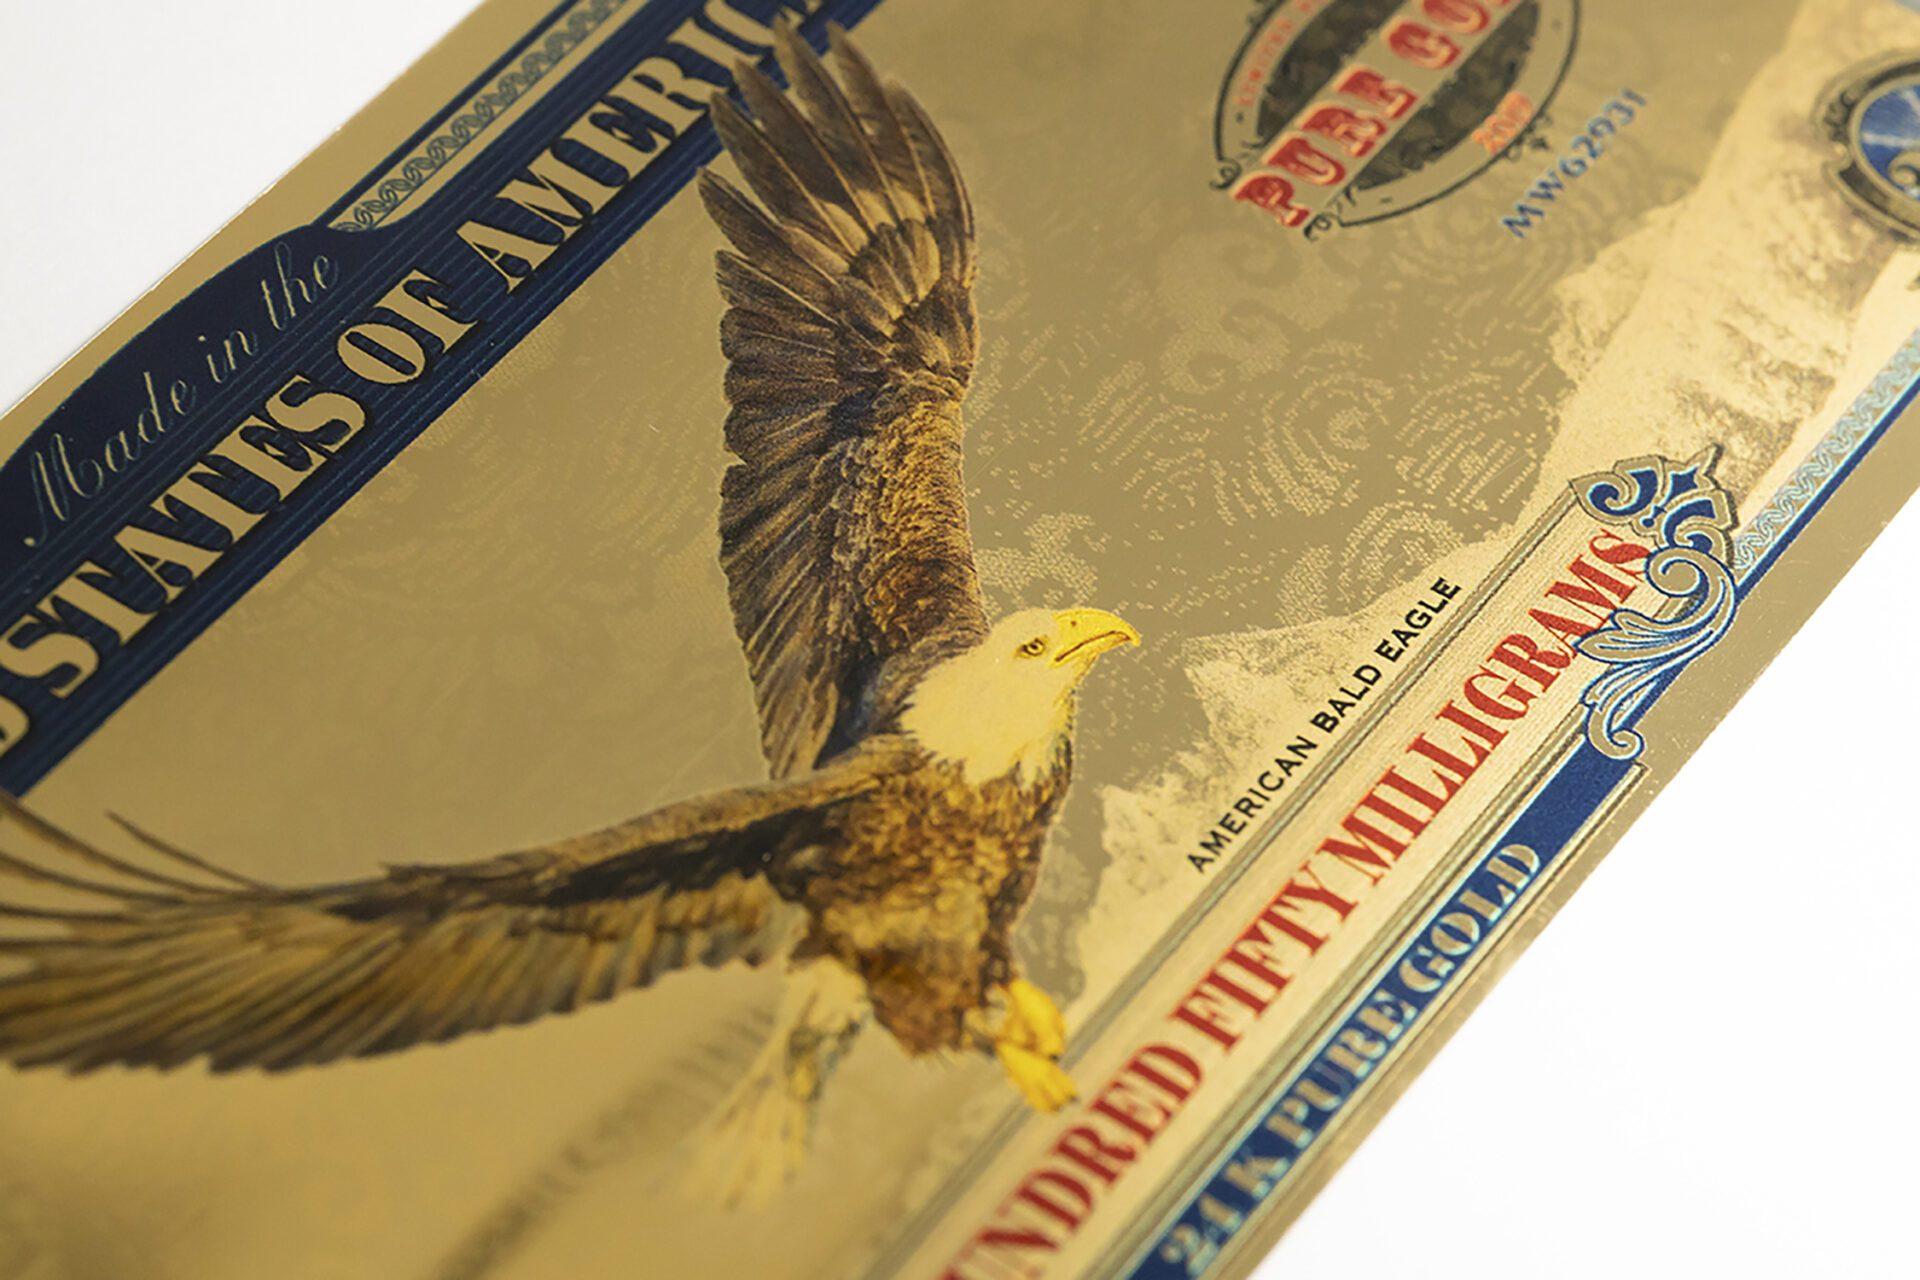 Eagle Aurum - Valaurum, Inc.